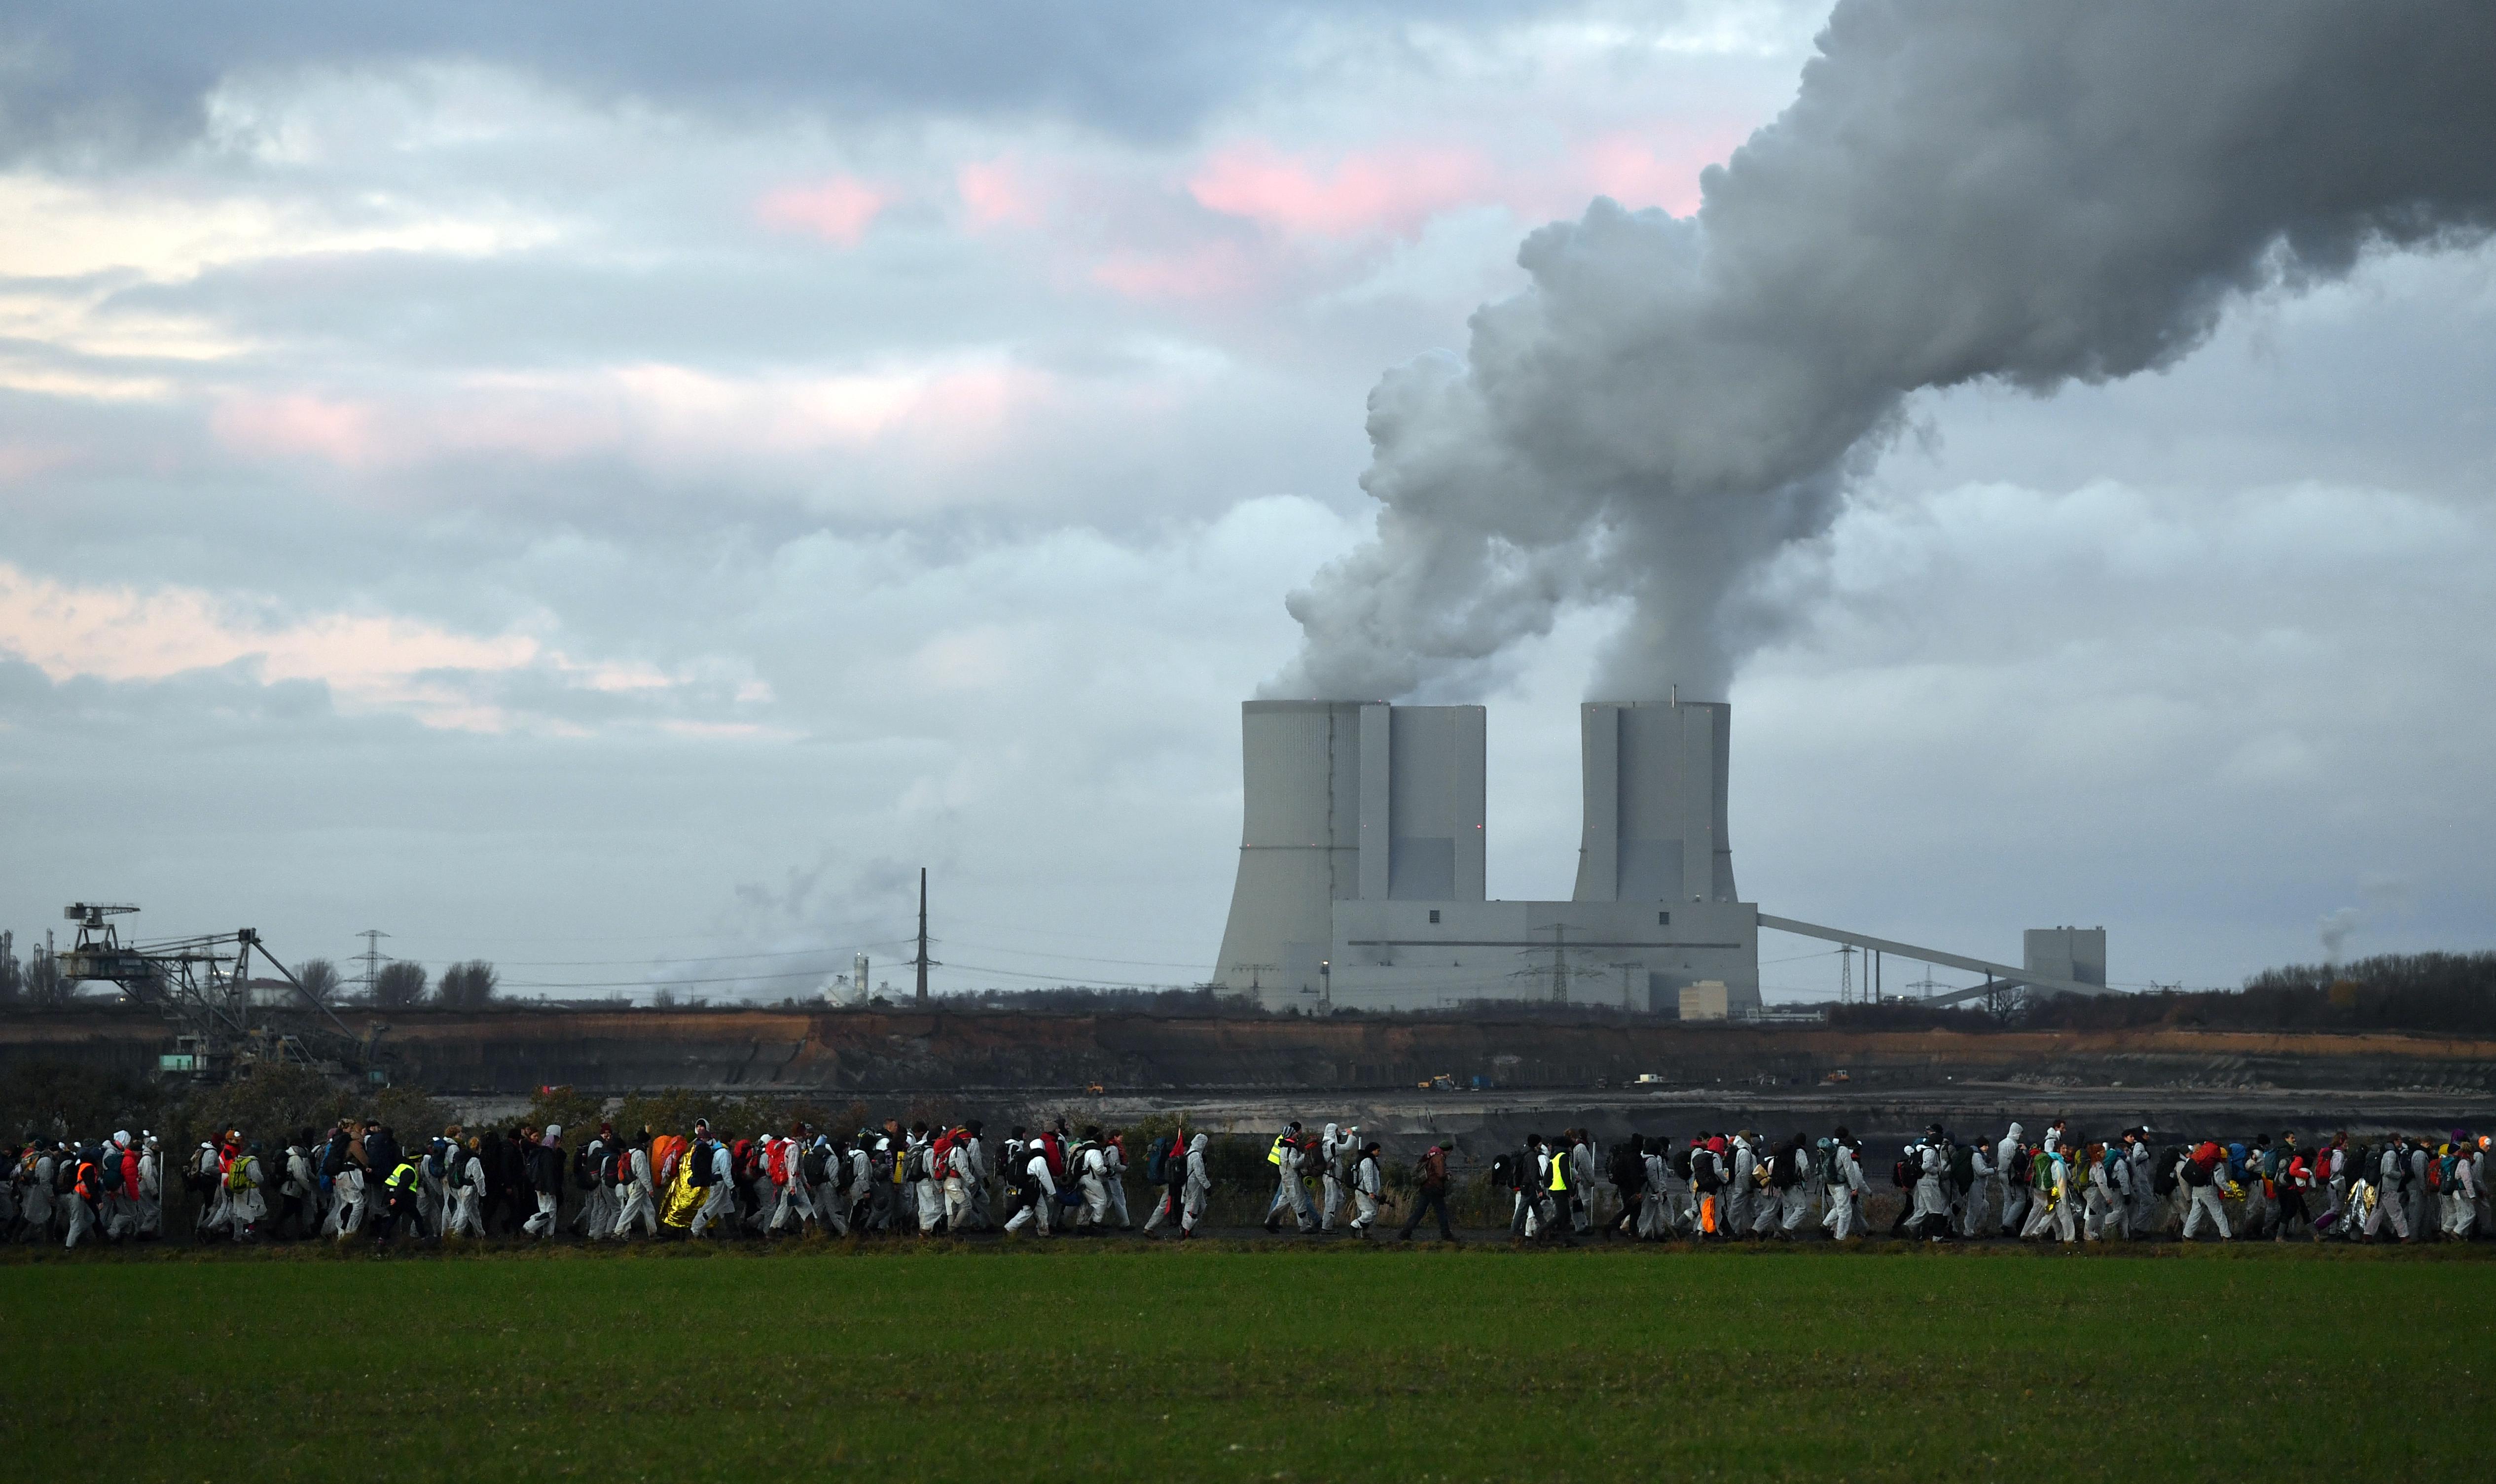 A magyar kormány belemenne, hogy emelkedjenek az EU 2030-as klímacéljai